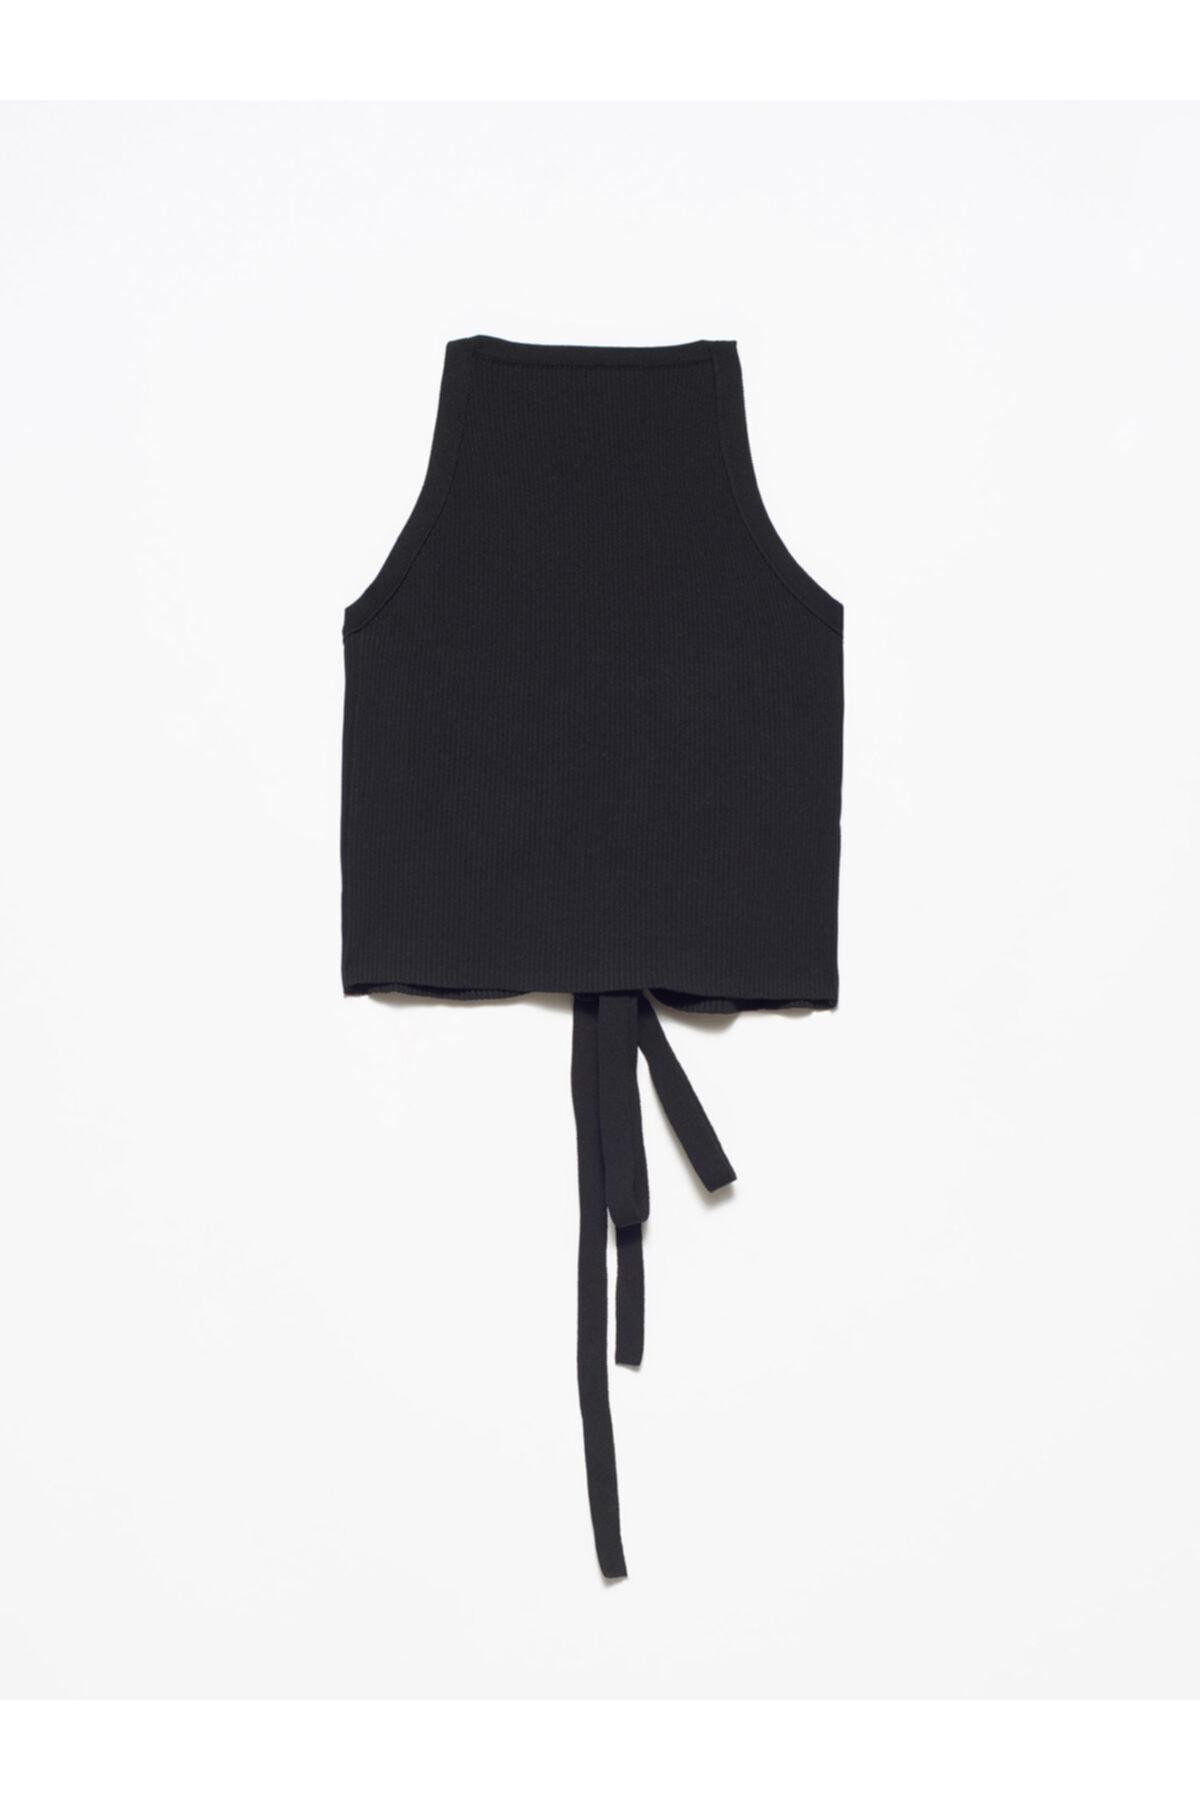 Kadın Siyah Arkası Çapraz Askılı Atlet 2856